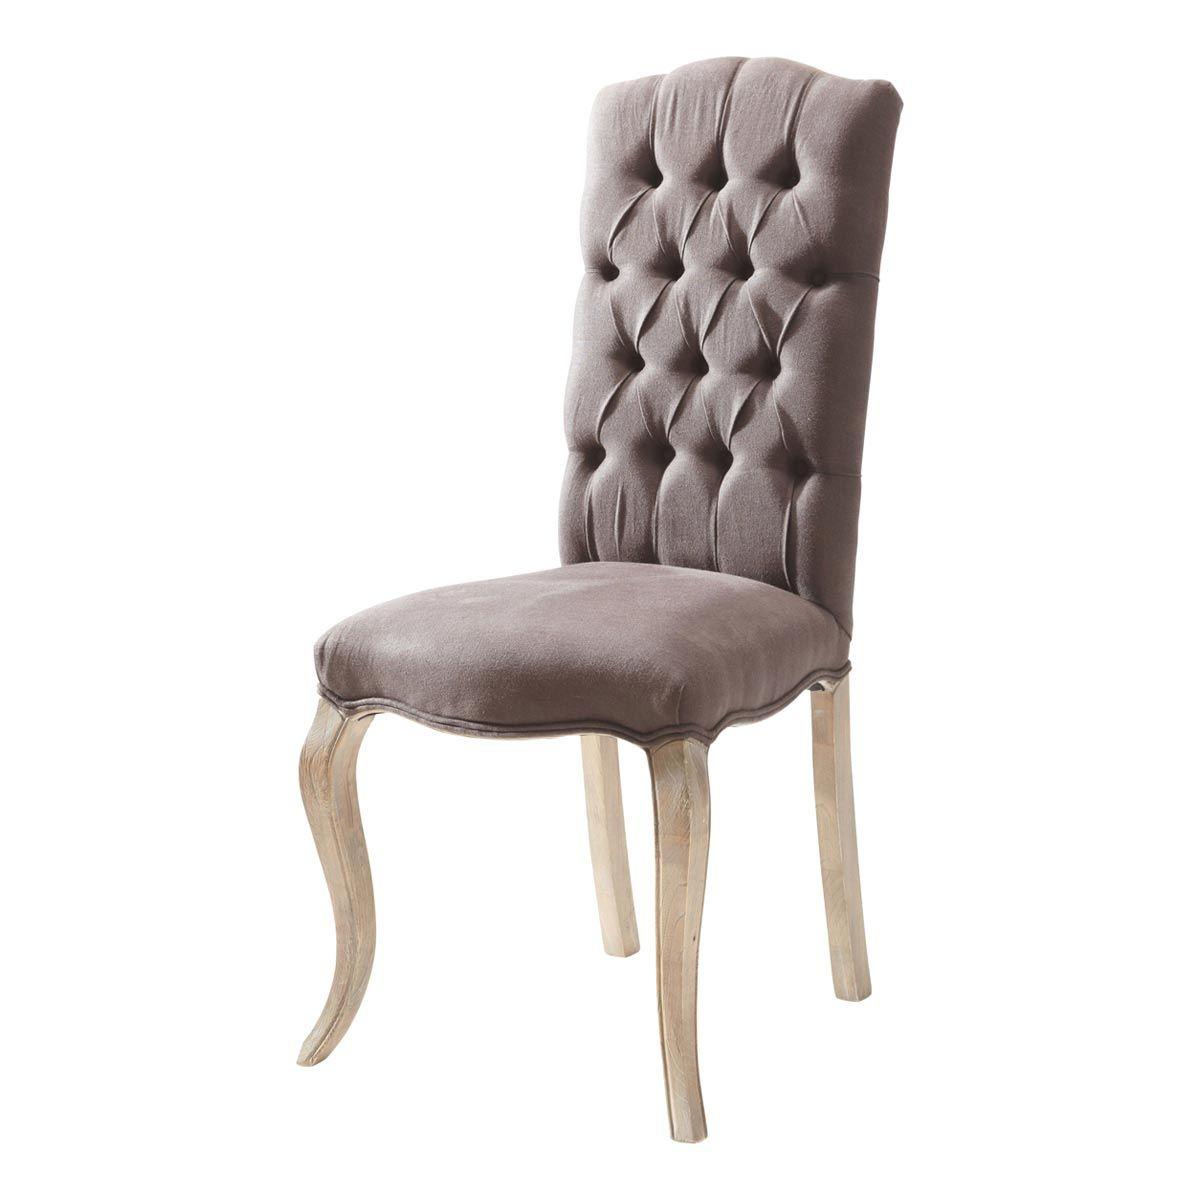 Chaise Capitonnee Lin Gris Anthracite Chloe Chair Linen Chair Furniture Chair